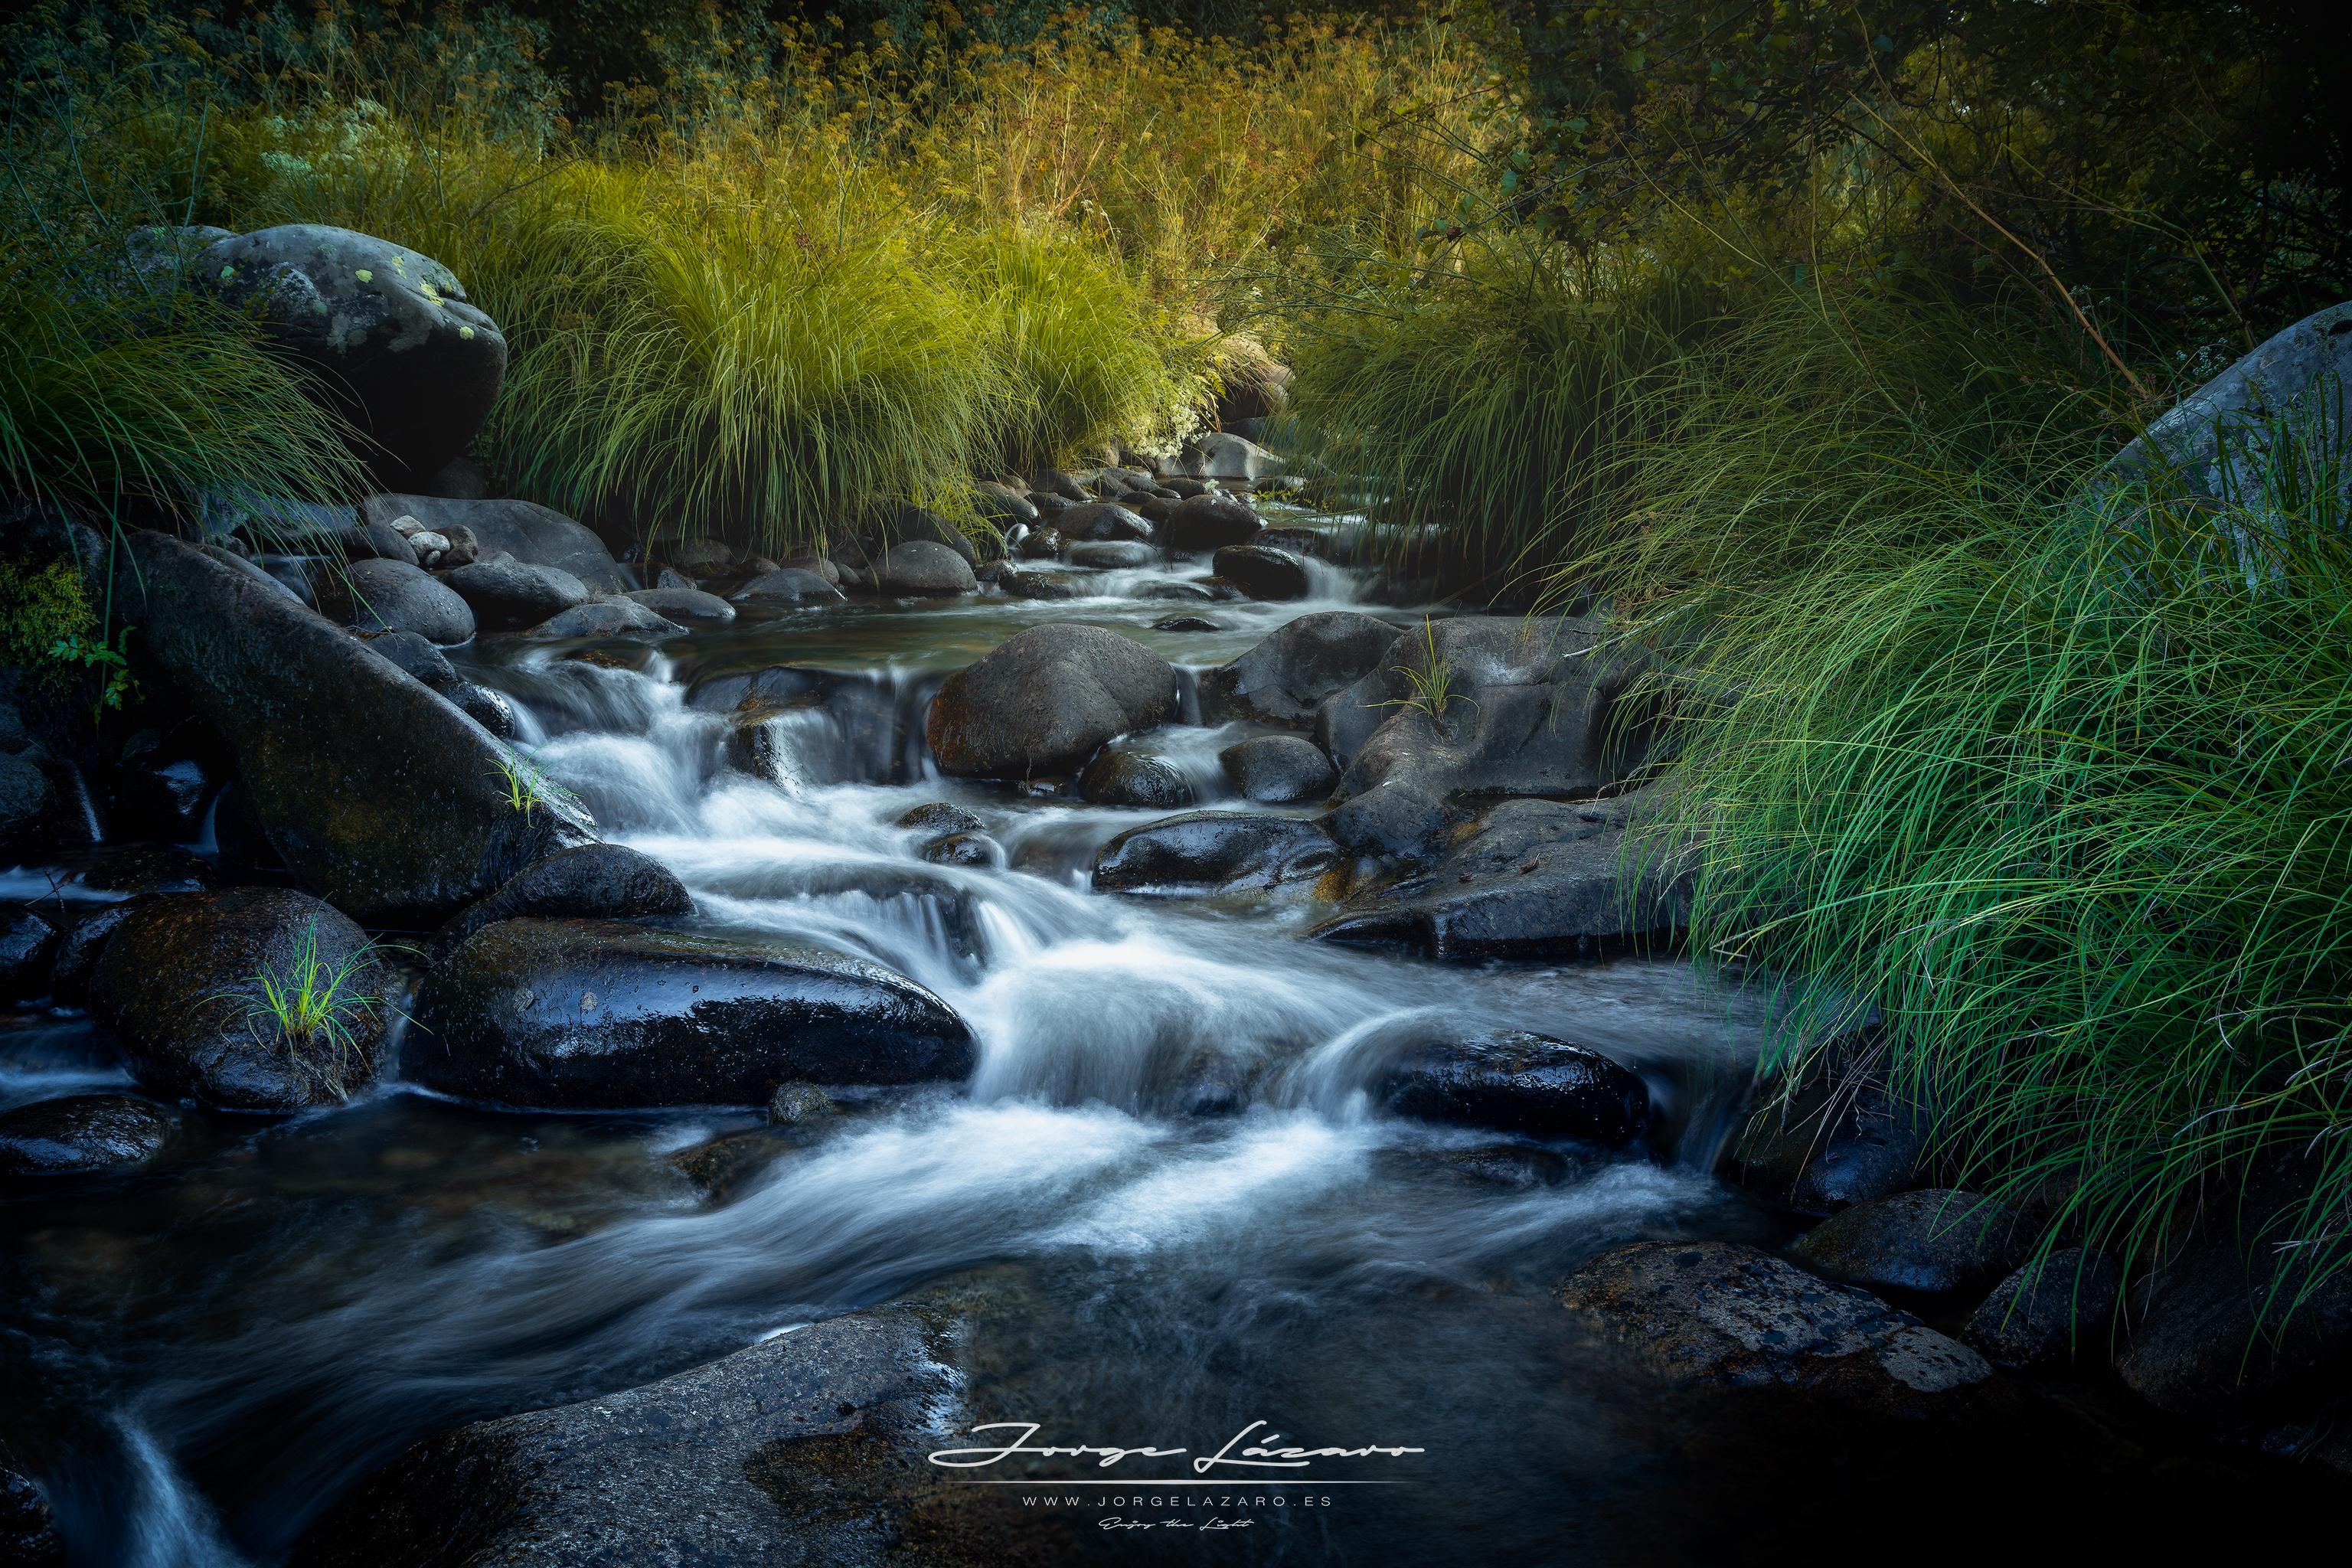 Saltos de agua en al  río Aravalle - Ávila